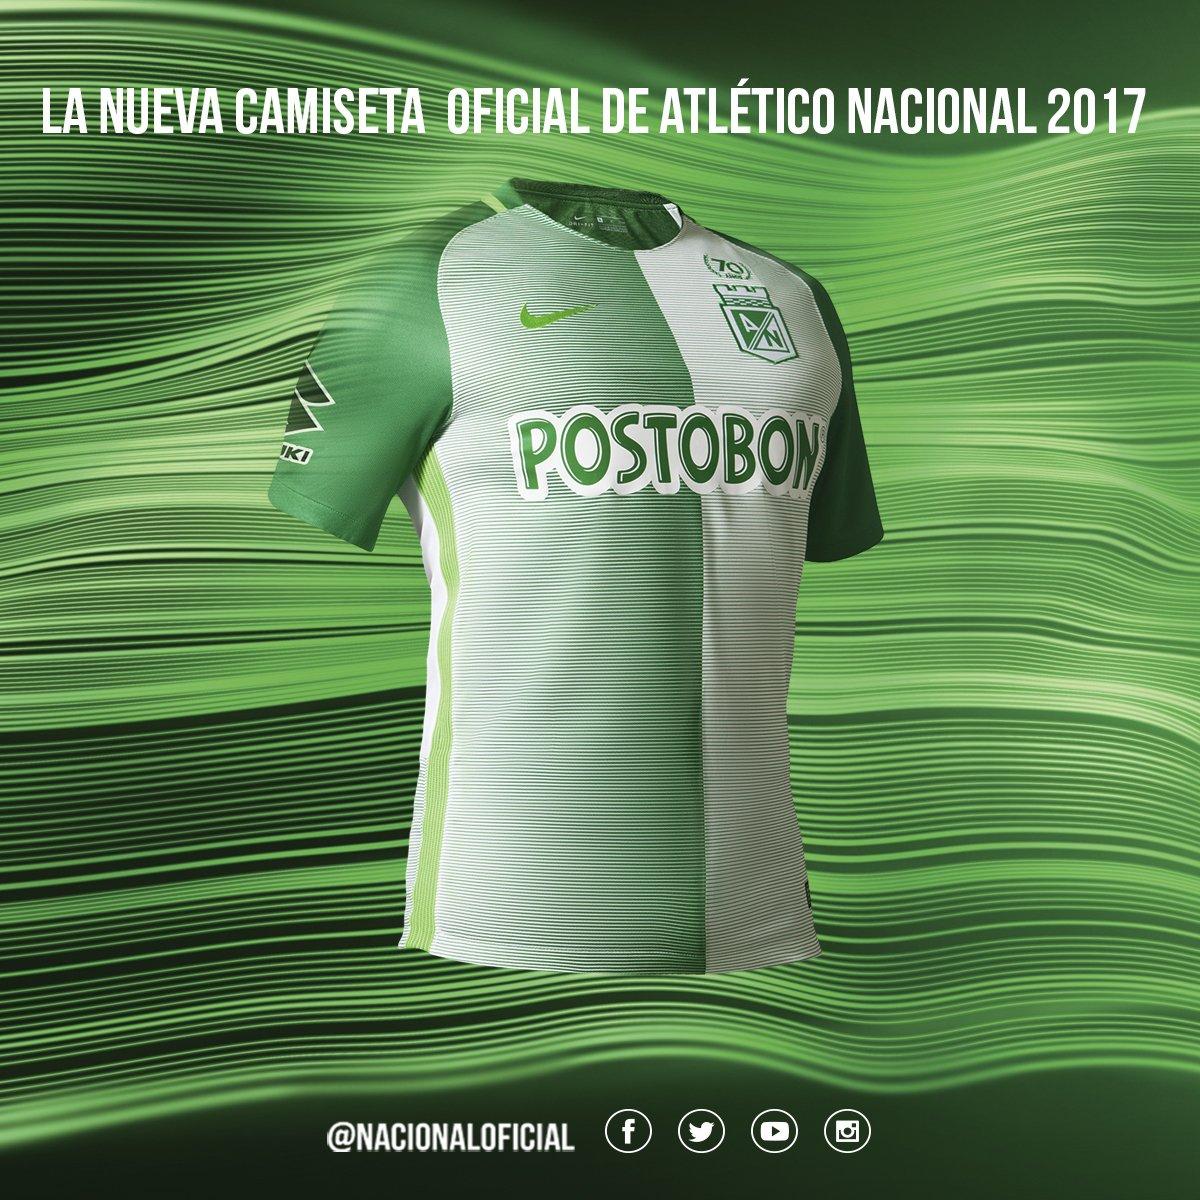 Atual campeão da Libertadores e9c20b62aa77f